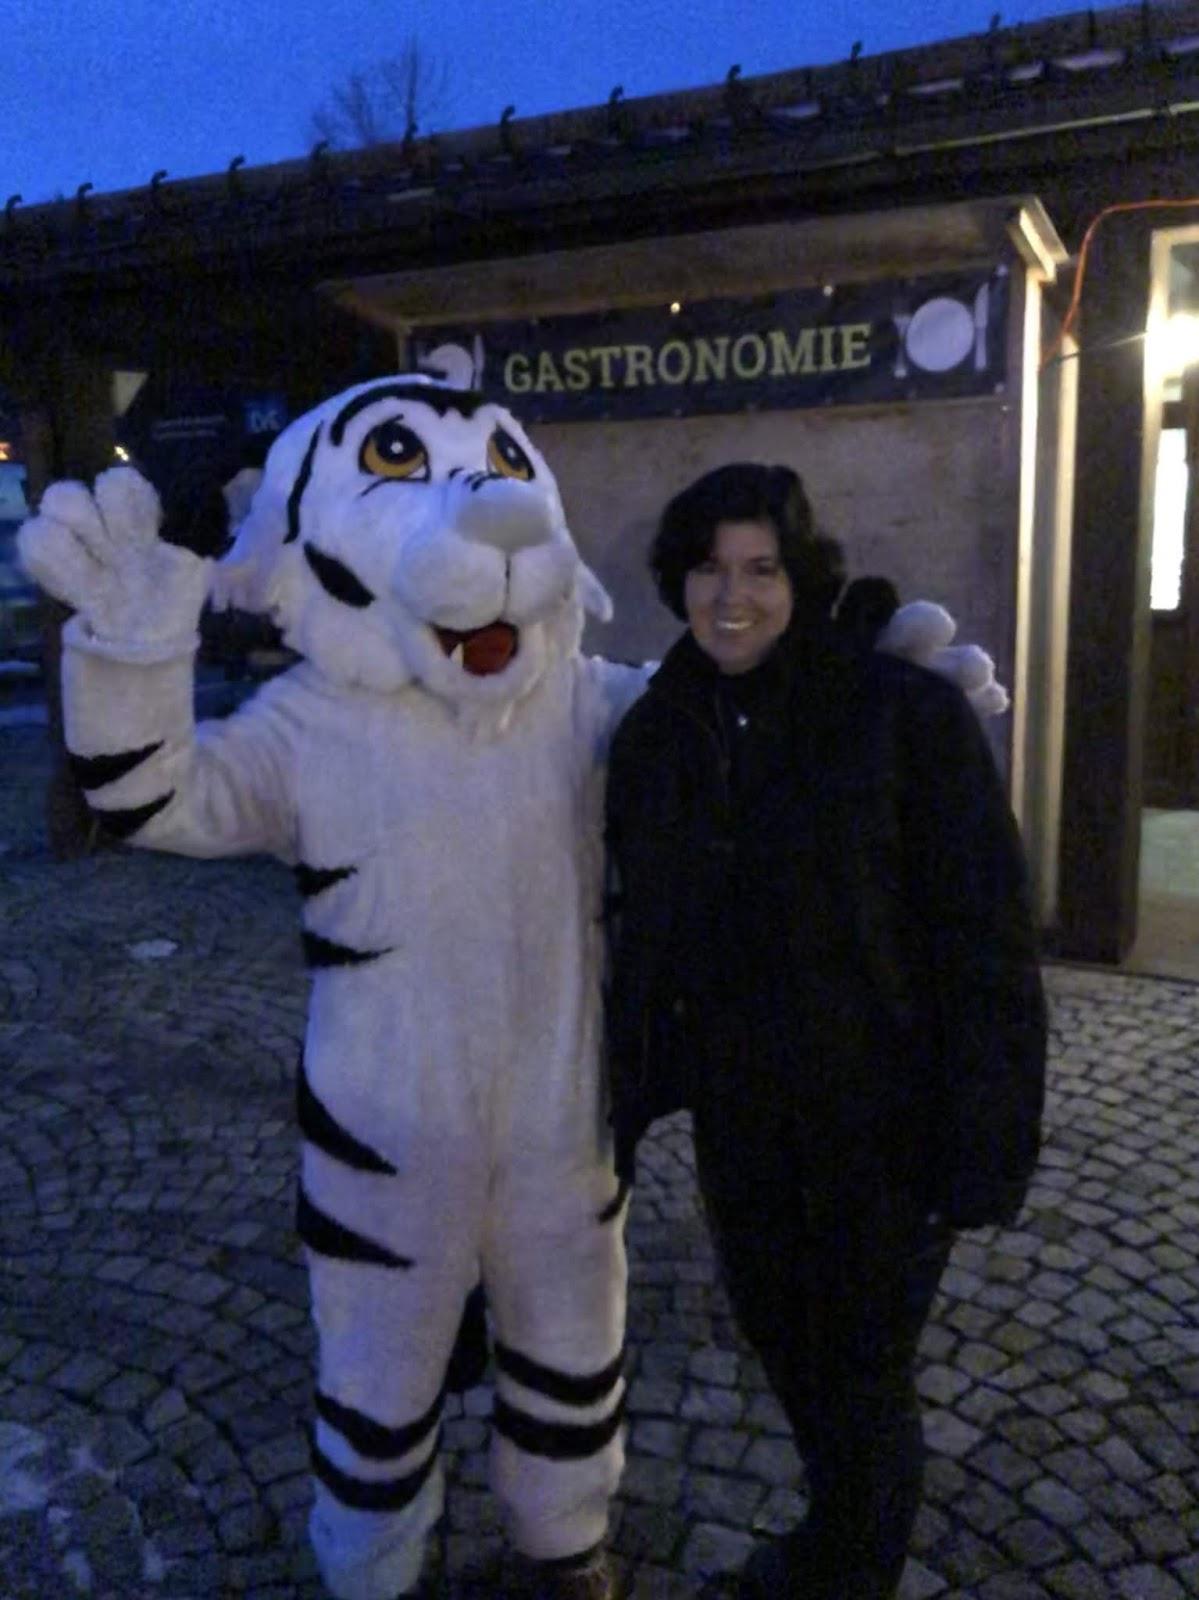 DSV Tiger, Maskotten mit Uschi Glas, 4 Gin and Drinks, Horseboxbar, Event-Bar, mobile Bar, Bayern, Garmisch-Partenkirchen, Gin-Bar, Oberammergau, König-Ludwig-Lauf by Uschi Glas 4 weddings and events